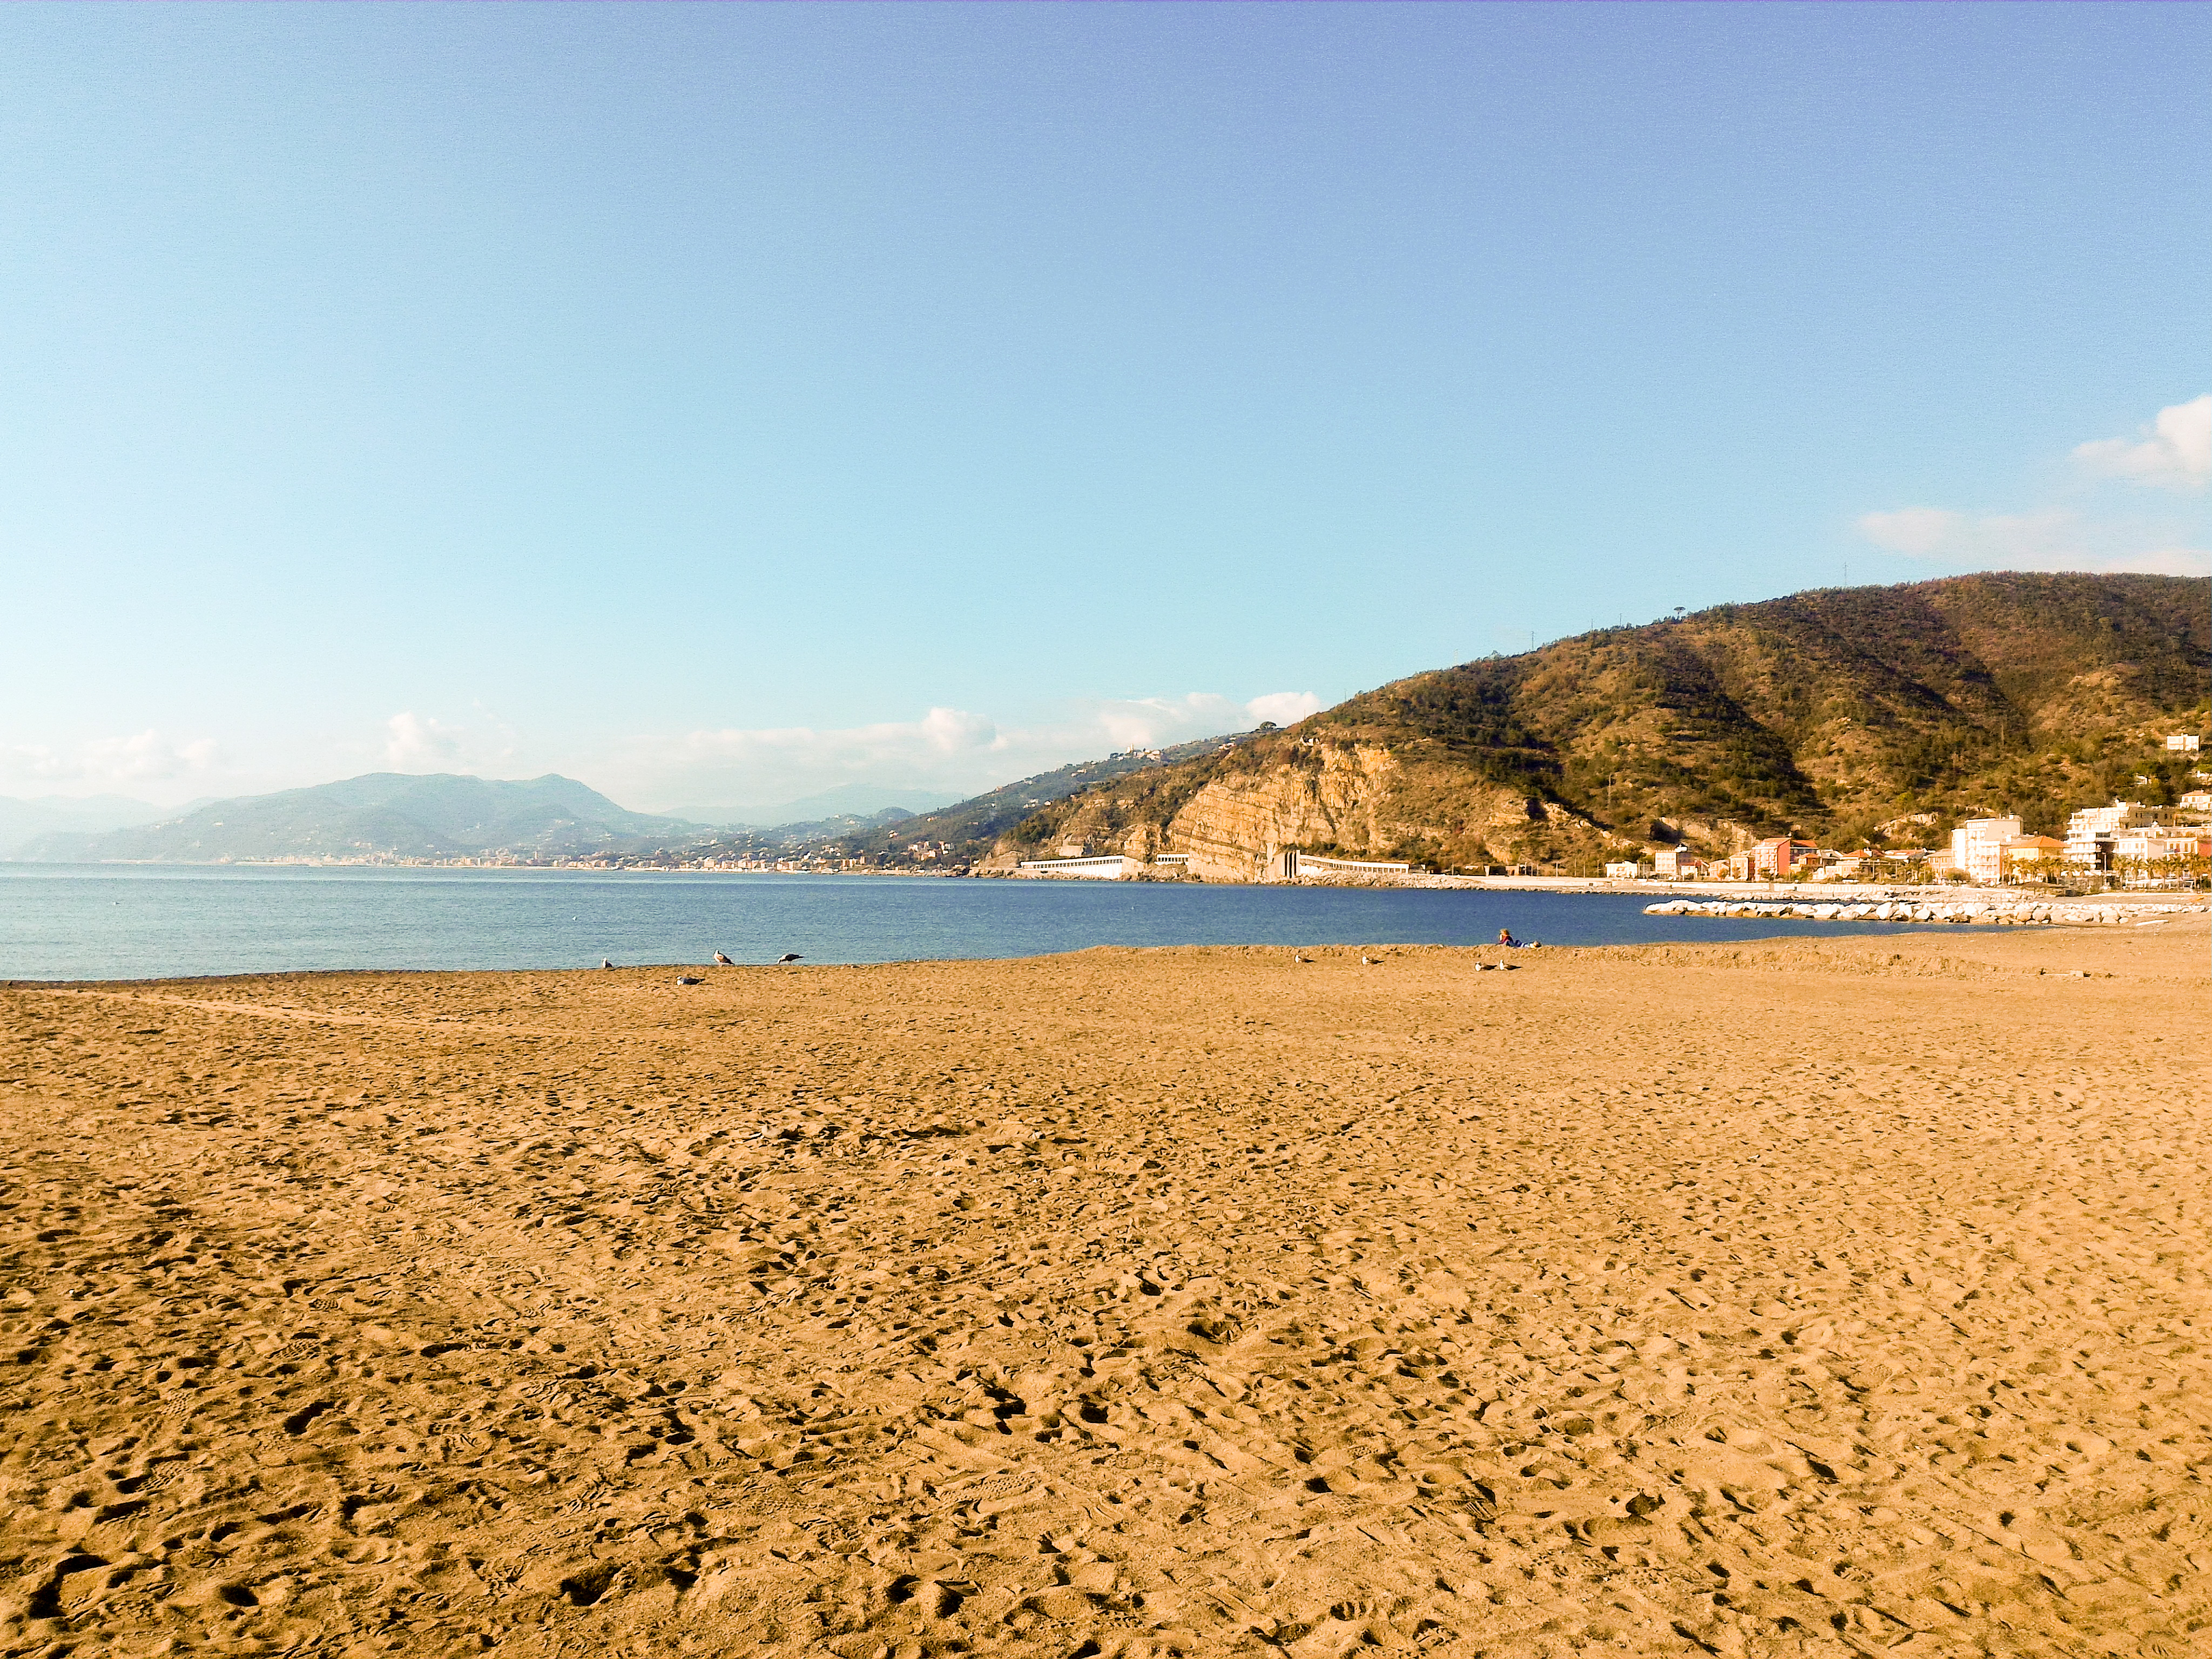 sestri levante tengerpart strand